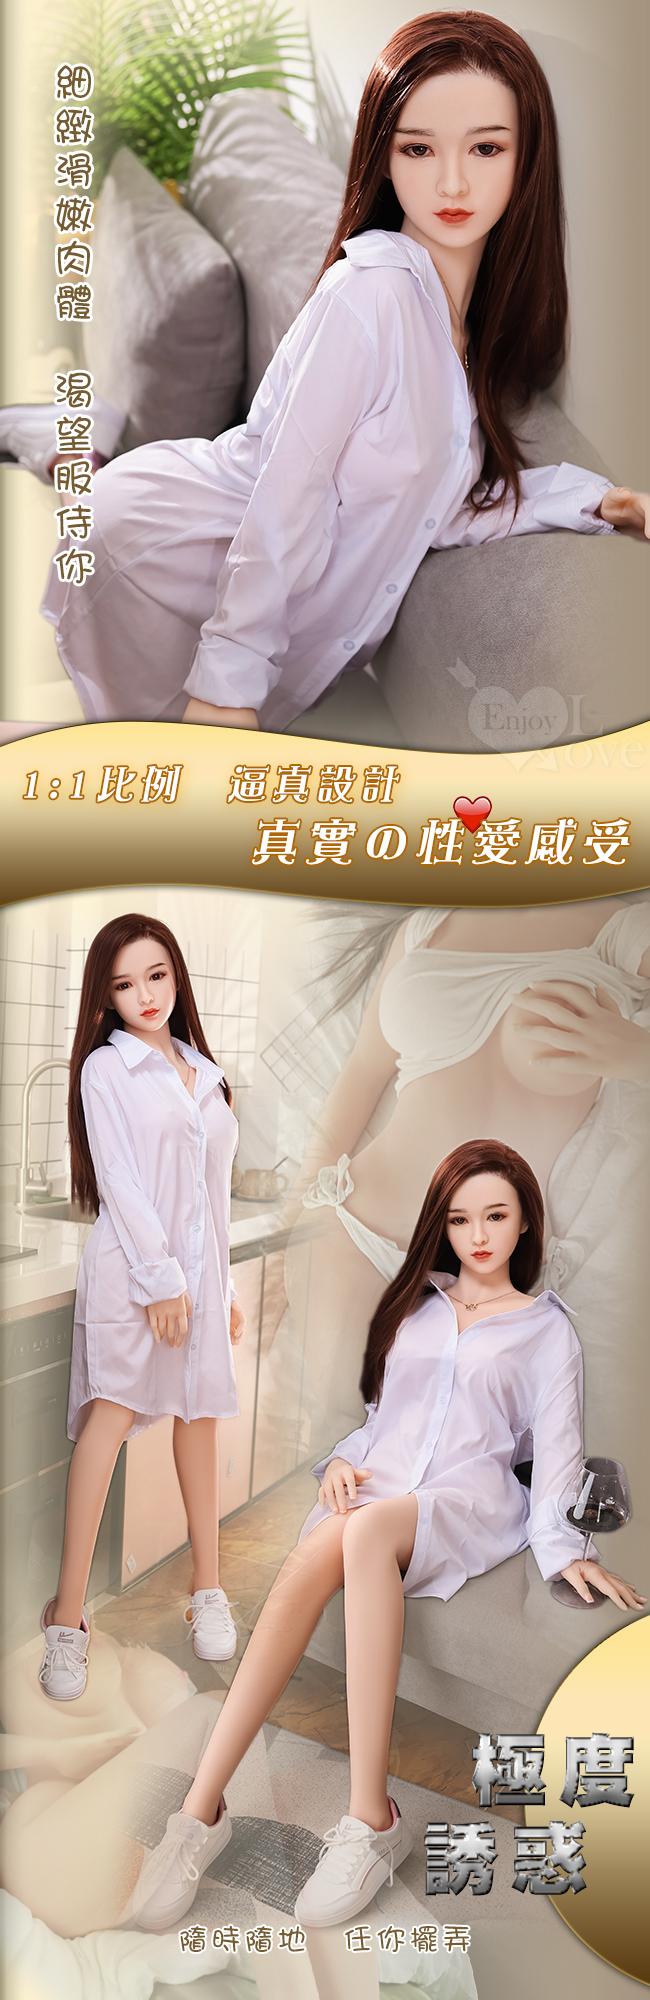 《 Jing jing 晶晶 ‧ 感性嬌柔小女孩 》全實體矽膠+骨骼系統真人娃娃/ 可站立 ﹝148cm / 28kg﹞